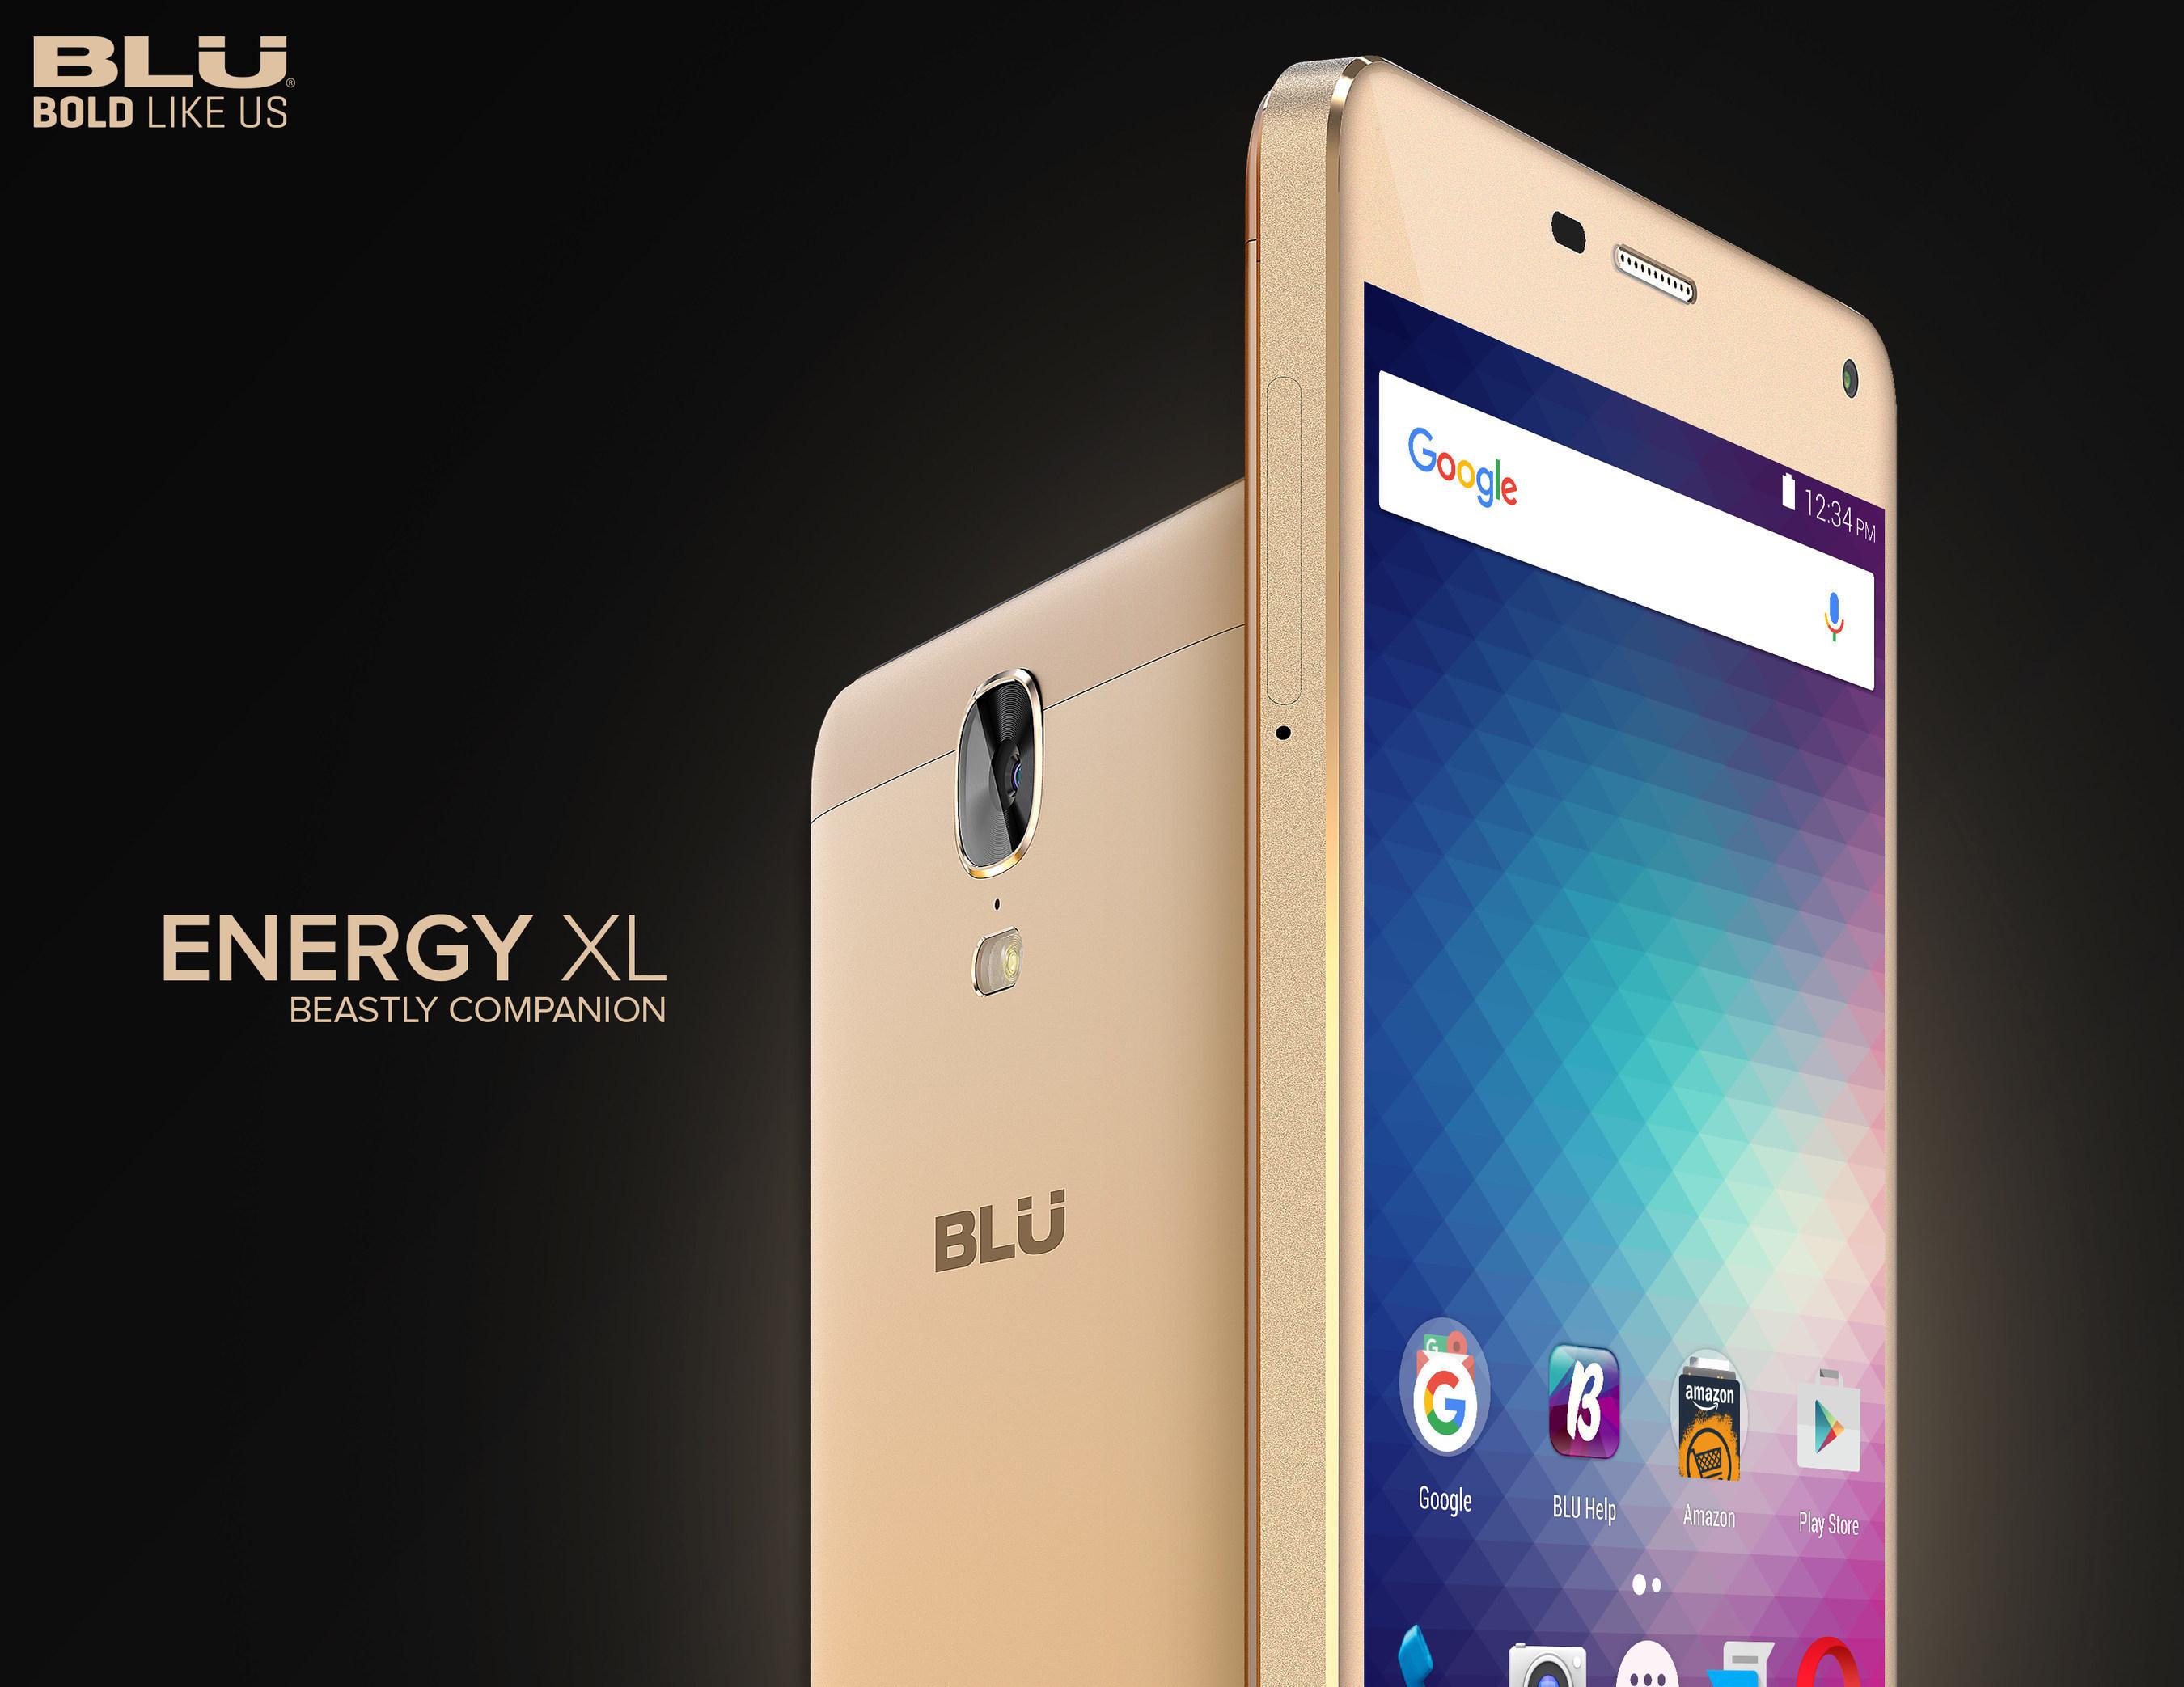 BLU Energy XL